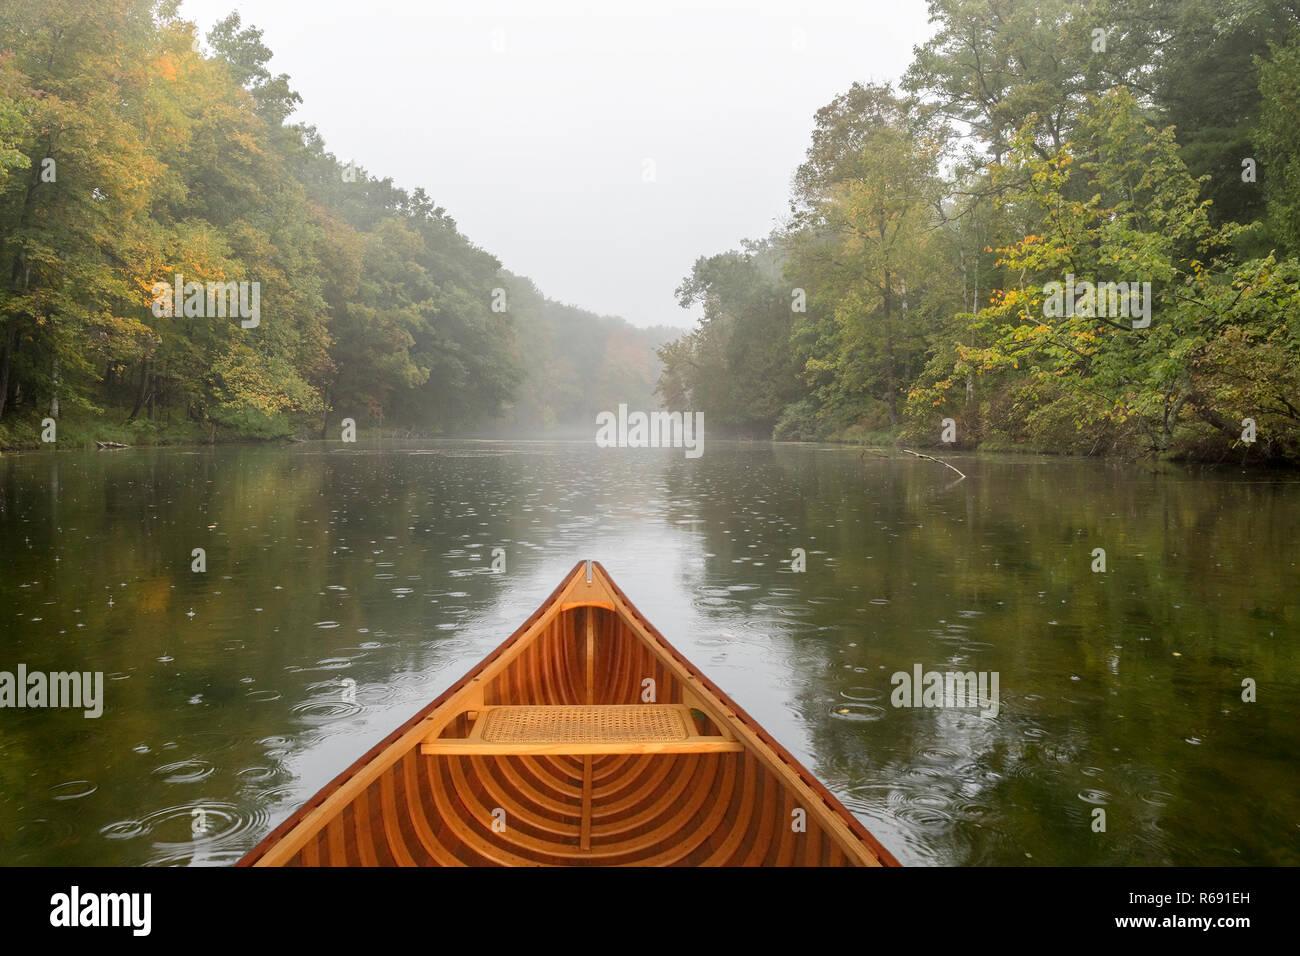 Bow of a cedar canoe on a river during a light rain - Ontario, Canada - Stock Image